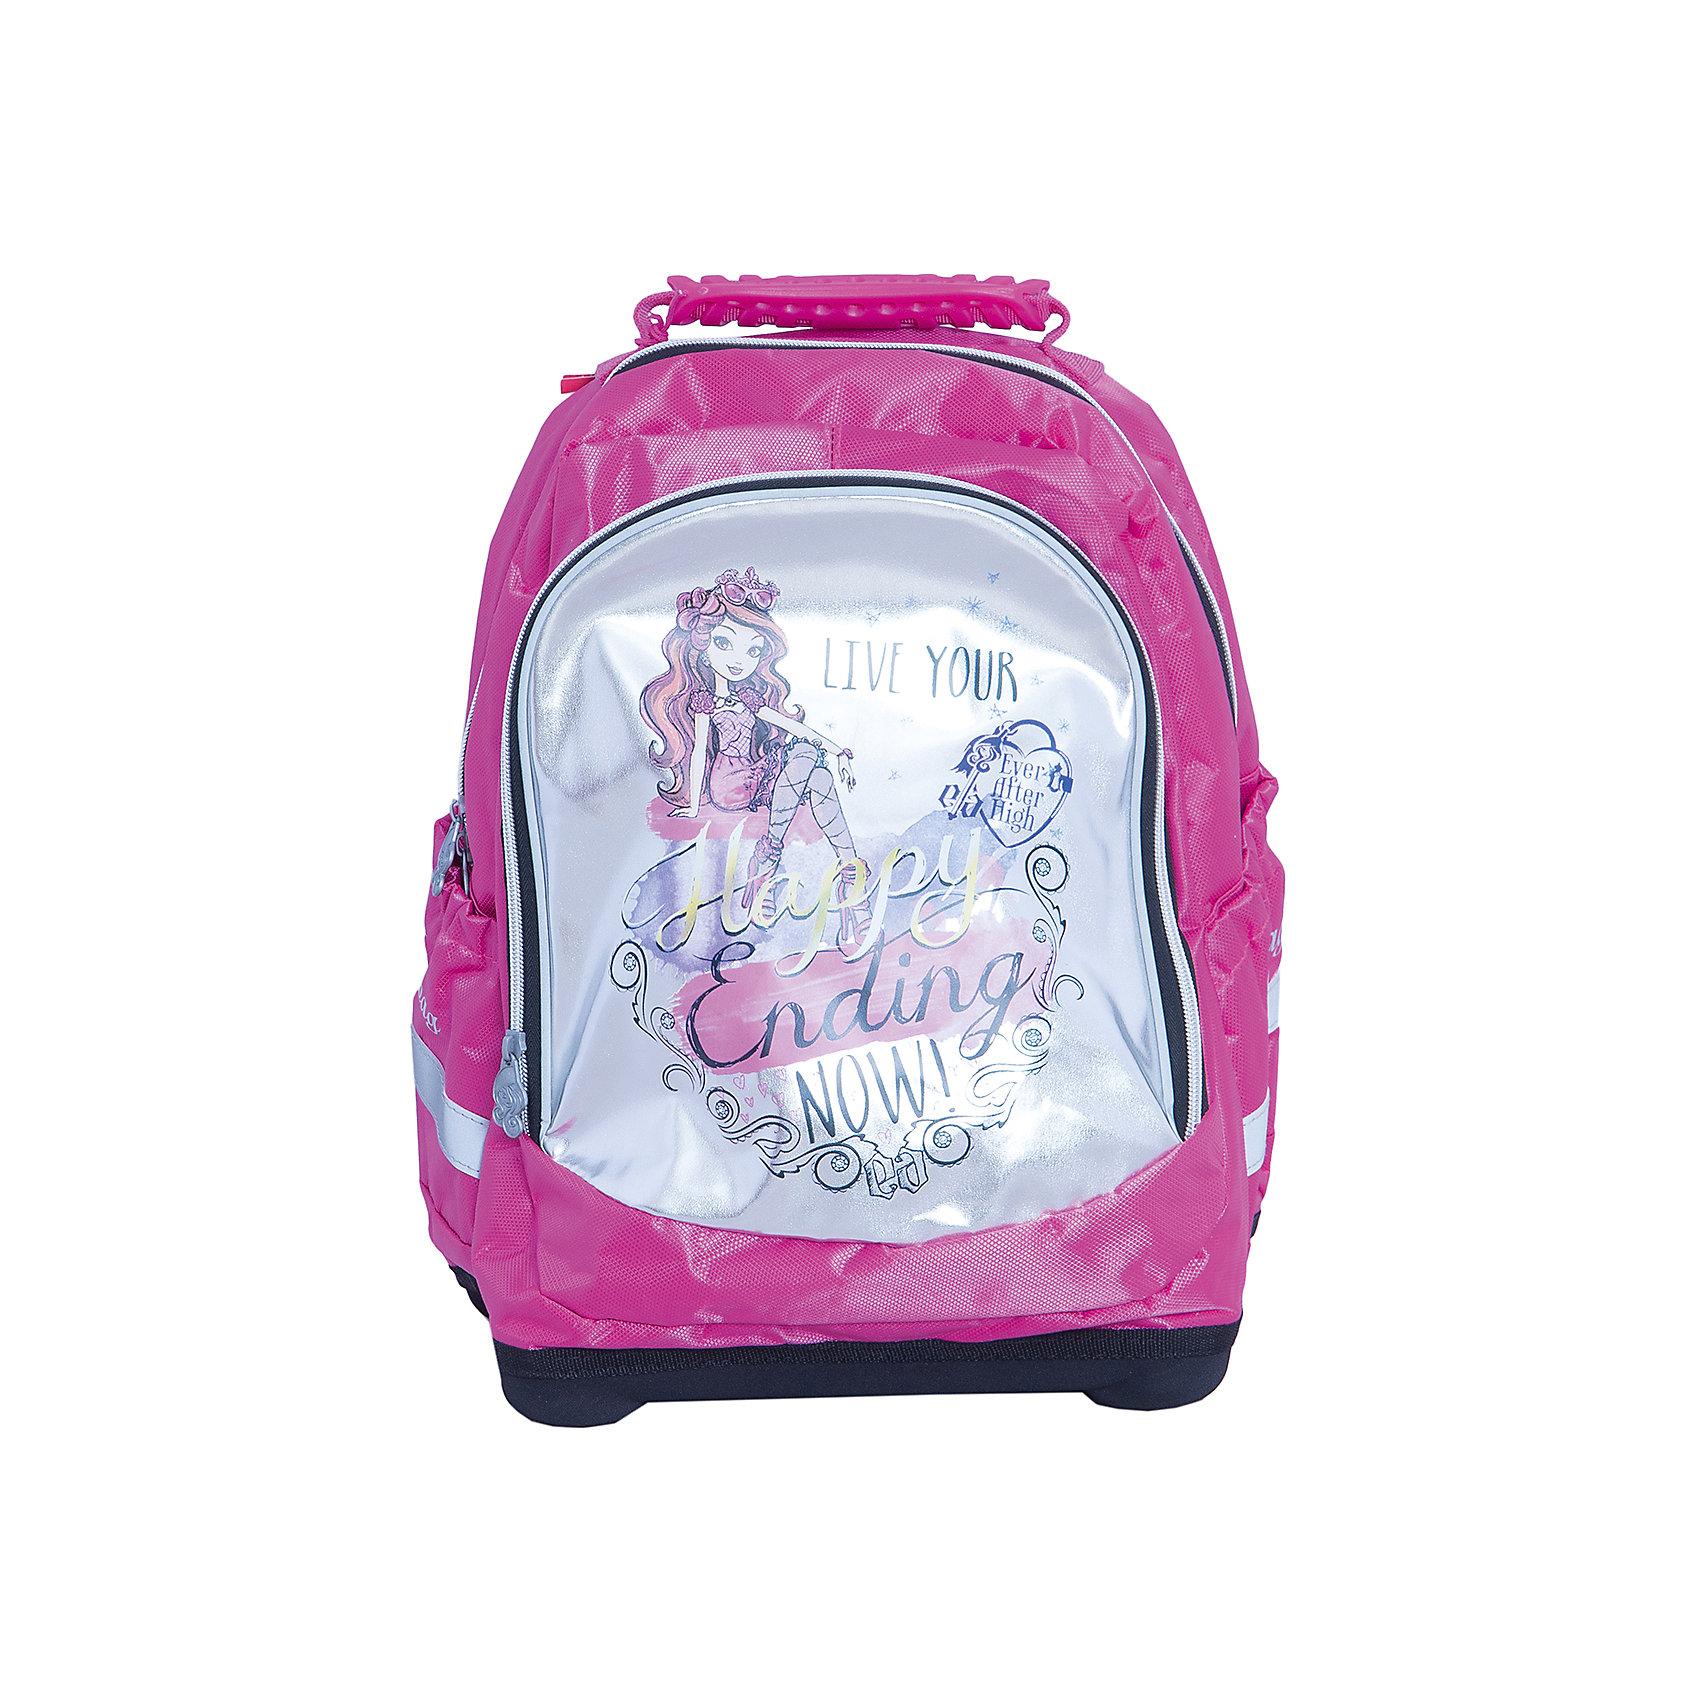 Ортопедический рюкзак Nice bag, Ever After HighОртопедический рюкзак Nice bag, Ever After High (Долго и счастливо) – этот удобный рюкзак станет незаменимым спутником вашего ребенка.<br>Ортопедический рюкзак Nice bag, Ever After High (Долго и счастливо) - это более мягкий, по сравнению с ранцем, эргономичный текстильный школьный рюкзак, обладающий оригинальным дизайном и большой вместительностью. Благодаря уплотненной вентилируемой спинке позвоночник ребенка не будет испытывать больших нагрузок во время эксплуатации рюкзака. Широкие уплотненные регулируемые лямки позволяют адаптировать рюкзак к изменению роста ребенка. Рюкзак имеет два отделения, закрывающиеся на застежки-молнии, боковые карманы. Жесткое дно оборудовано ножками для защиты от загрязнений. Предусмотрена удобная ручка для переноски. Светоотражающие полосы сделают ребенка заметным на проезжей части в темное время суток и в сумерках.<br><br>Дополнительная информация:<br><br>- Размер упаковки: 18х38х31 см.<br>- Вес в упаковке: 750 гр.<br><br>Ортопедический рюкзак Nice bag, Ever After High (Долго и счастливо) можно купить в нашем интернет-магазине.<br><br>Ширина мм: 180<br>Глубина мм: 380<br>Высота мм: 310<br>Вес г: 750<br>Возраст от месяцев: 48<br>Возраст до месяцев: 96<br>Пол: Женский<br>Возраст: Детский<br>SKU: 4700023